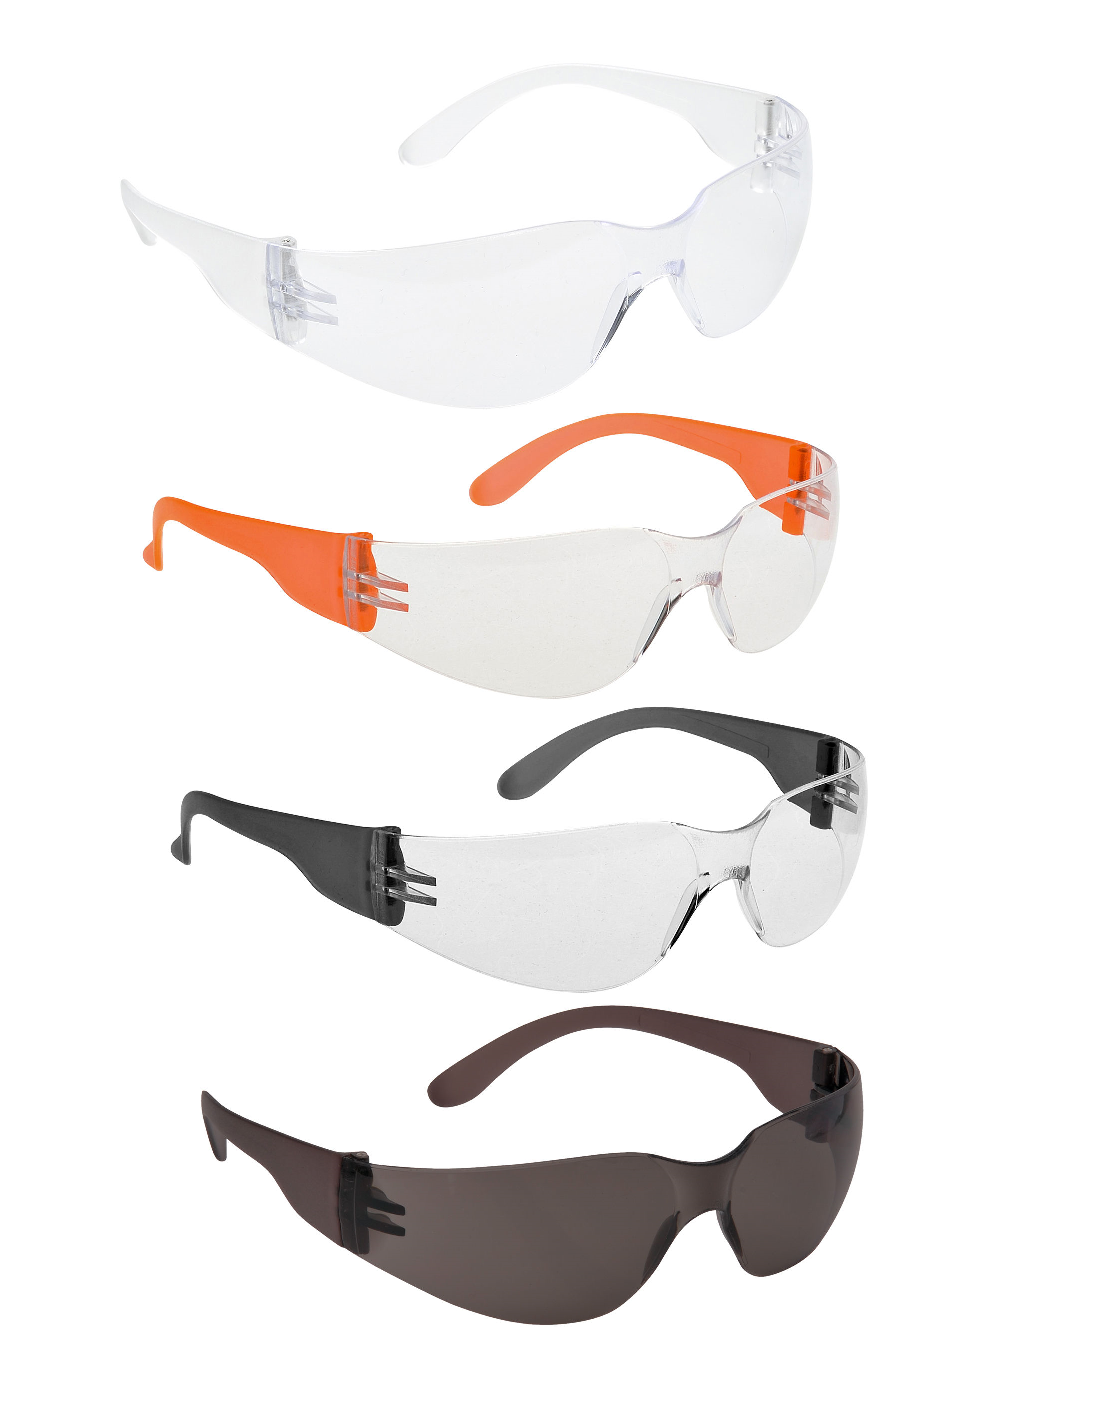 Portwest PW32 enrouler enrouler PW32 autour de la sécurité spectacle  lunettes 1,6 ou 12 d197e31e0efe